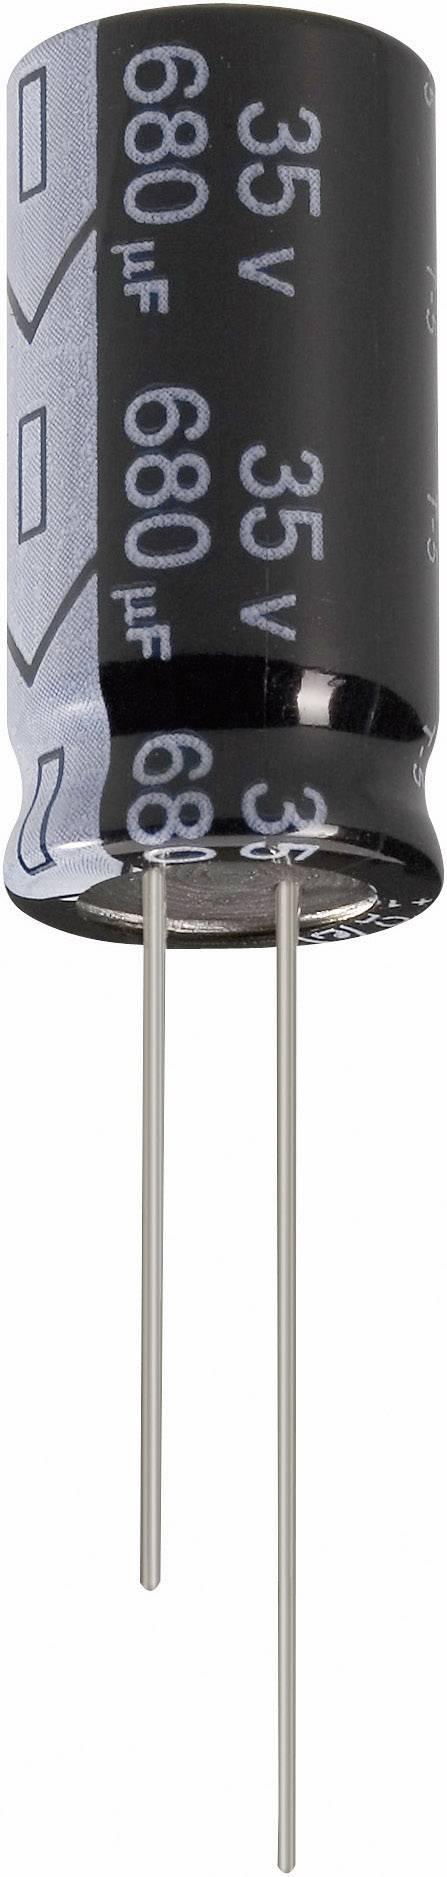 Elektrolytický kondenzátor Jianghai ECR1VGC561MFF501220, radiálne vývody, 560 µF, 35 V, 20 %, 1 ks